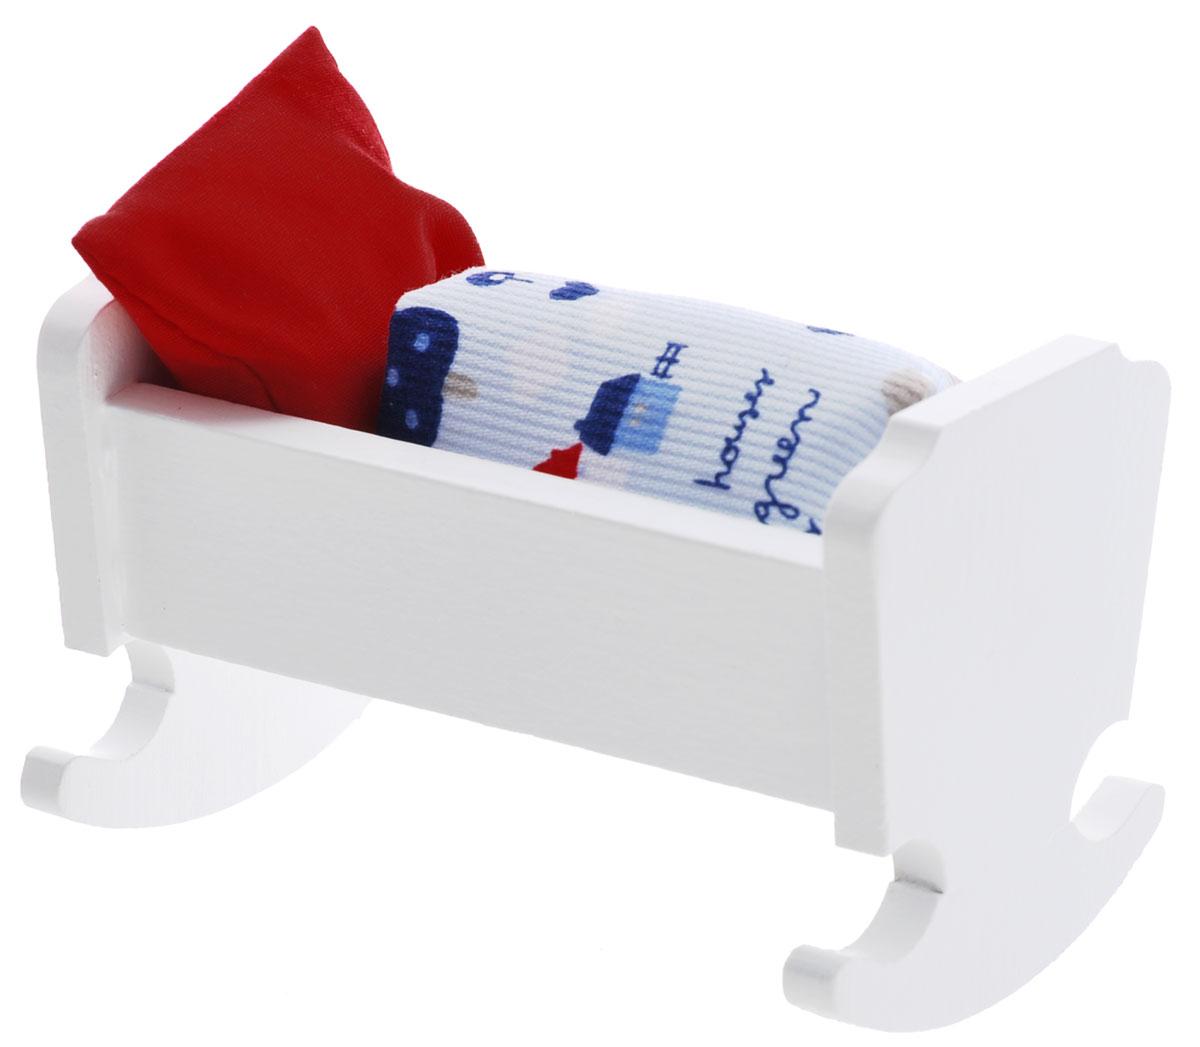 Minimir Колыбель с аксессуарами цвет белый13-4644-00Колыбель для пупса создана, чтобы кукла вашей малышки сладко спала и видела сказочные сны. Колыбель выполнена из натурального бука и клена, окрашена в чистый белый цвет и снабжена закругленными опорами, благодаря чему ее можно использовать как качалку. Набор включает в себя колыбель и мягкое одеяльце. Подходит для пупса высотой 7,5 см. Теперь ваша малышка сможет убаюкивать своих кукол в удобной колыбели-качалке. Порадуйте ее таким замечательным подарком! Мебель и аксессуары для игровых кукол Минимир выпускают на фабрике в Германии. В производстве кукольной мебели используются качественные породы бука и клена. При создании кукол и аксессуаров от компании Минимир используются исключительно качественные материалы: натуральное дерево и текстиль. Игра с миниатюрными куклами и аксессуарами тренирует мелкую моторику пальцев рук, стимулирует развитие речи и логического мышления. Маленький размер игрушек позволяет играть в абсолютно любом месте, их удобно брать...